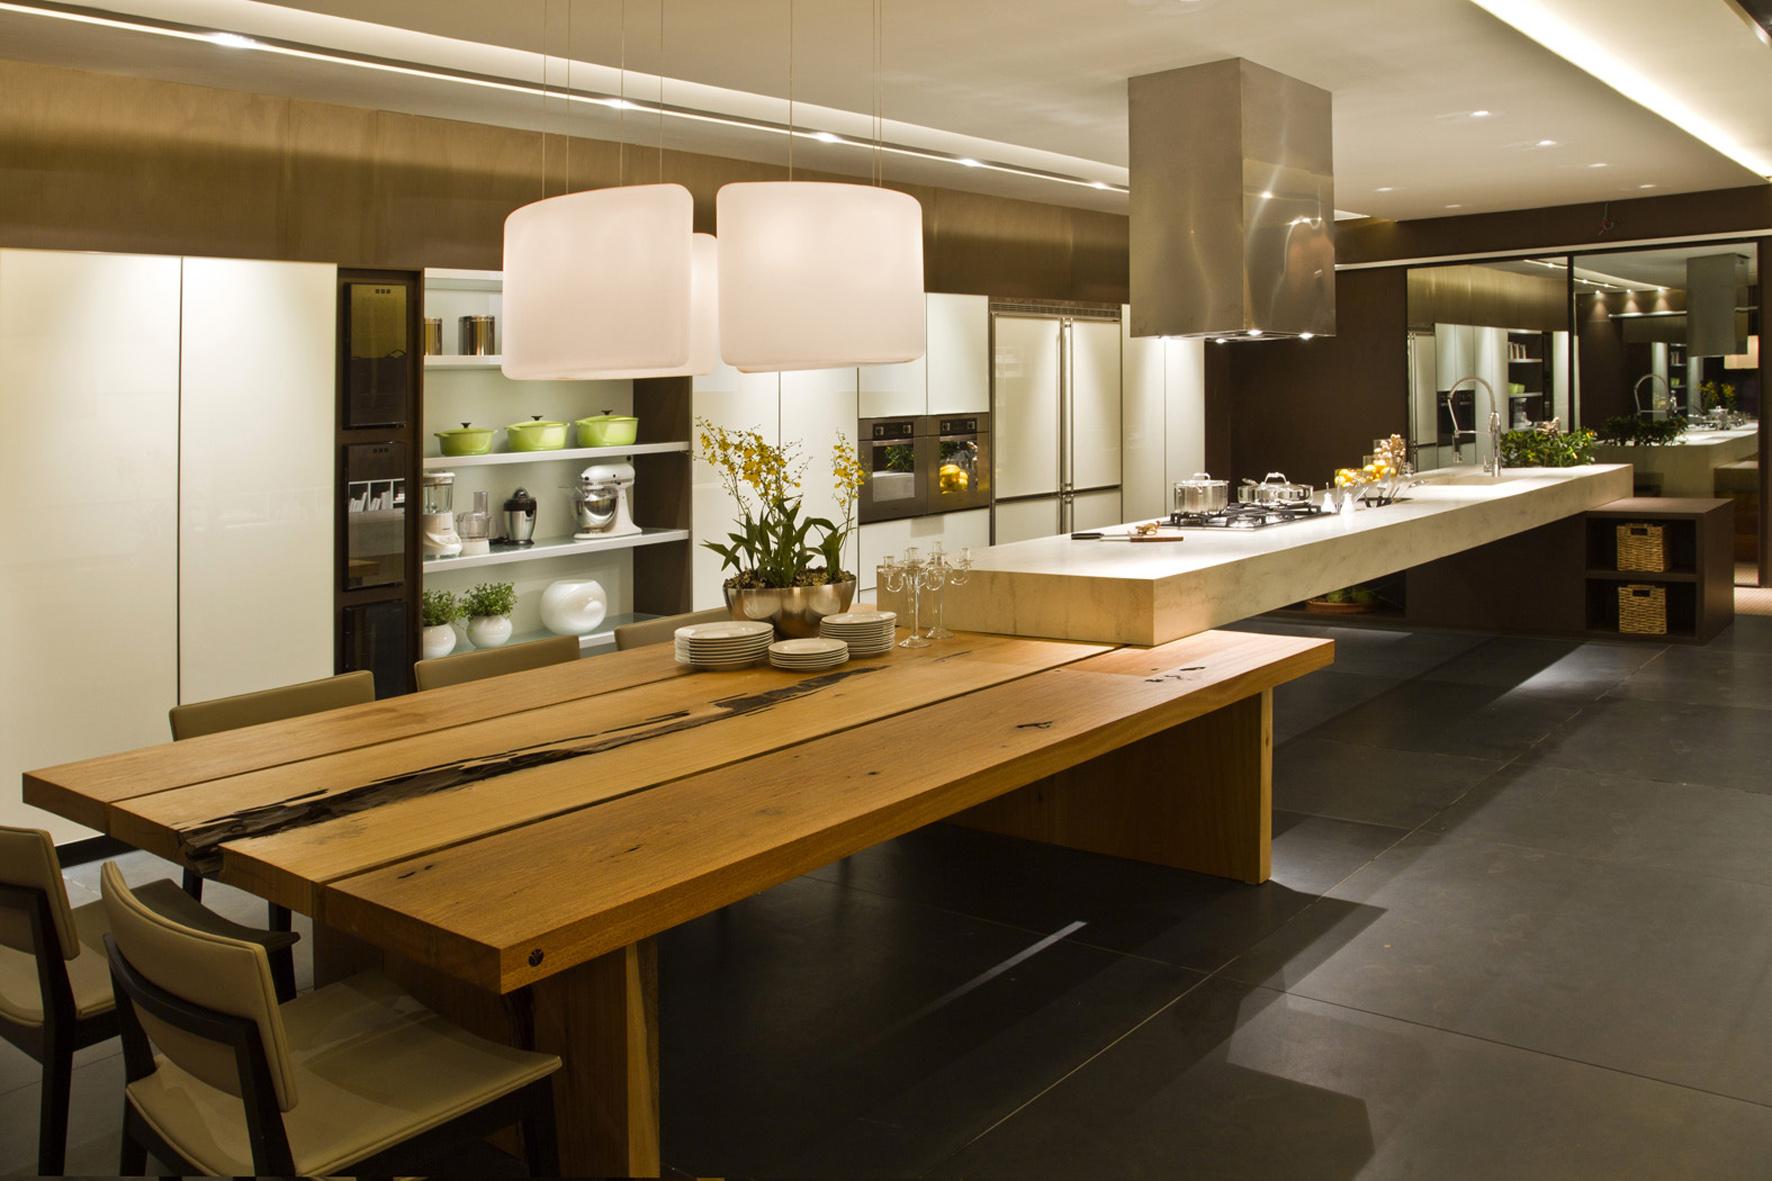 cozinha como um lugar especial para conversar com familiares e amigos #9F902C 1772 1181